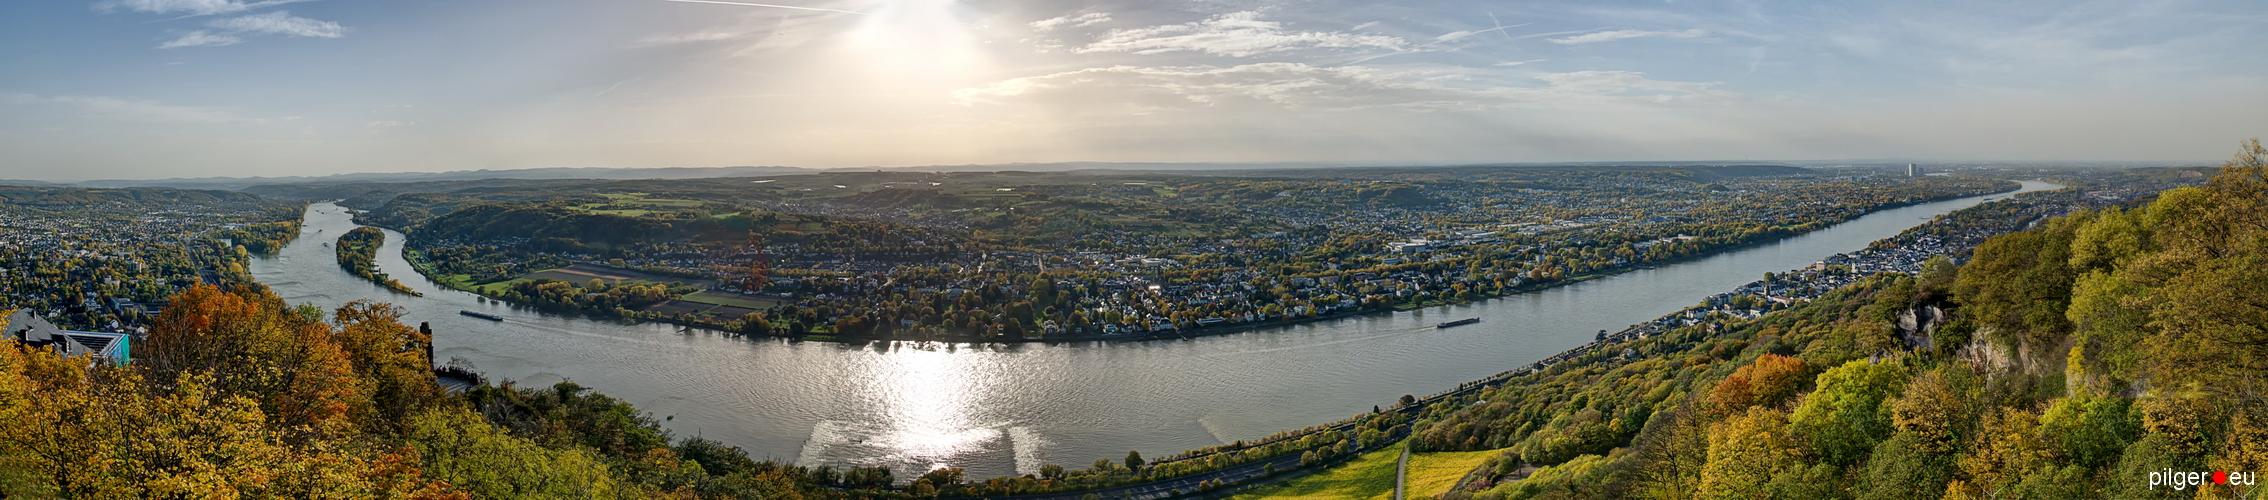 Drachenfels-Panorama mit rechter Ergänzung --->>>